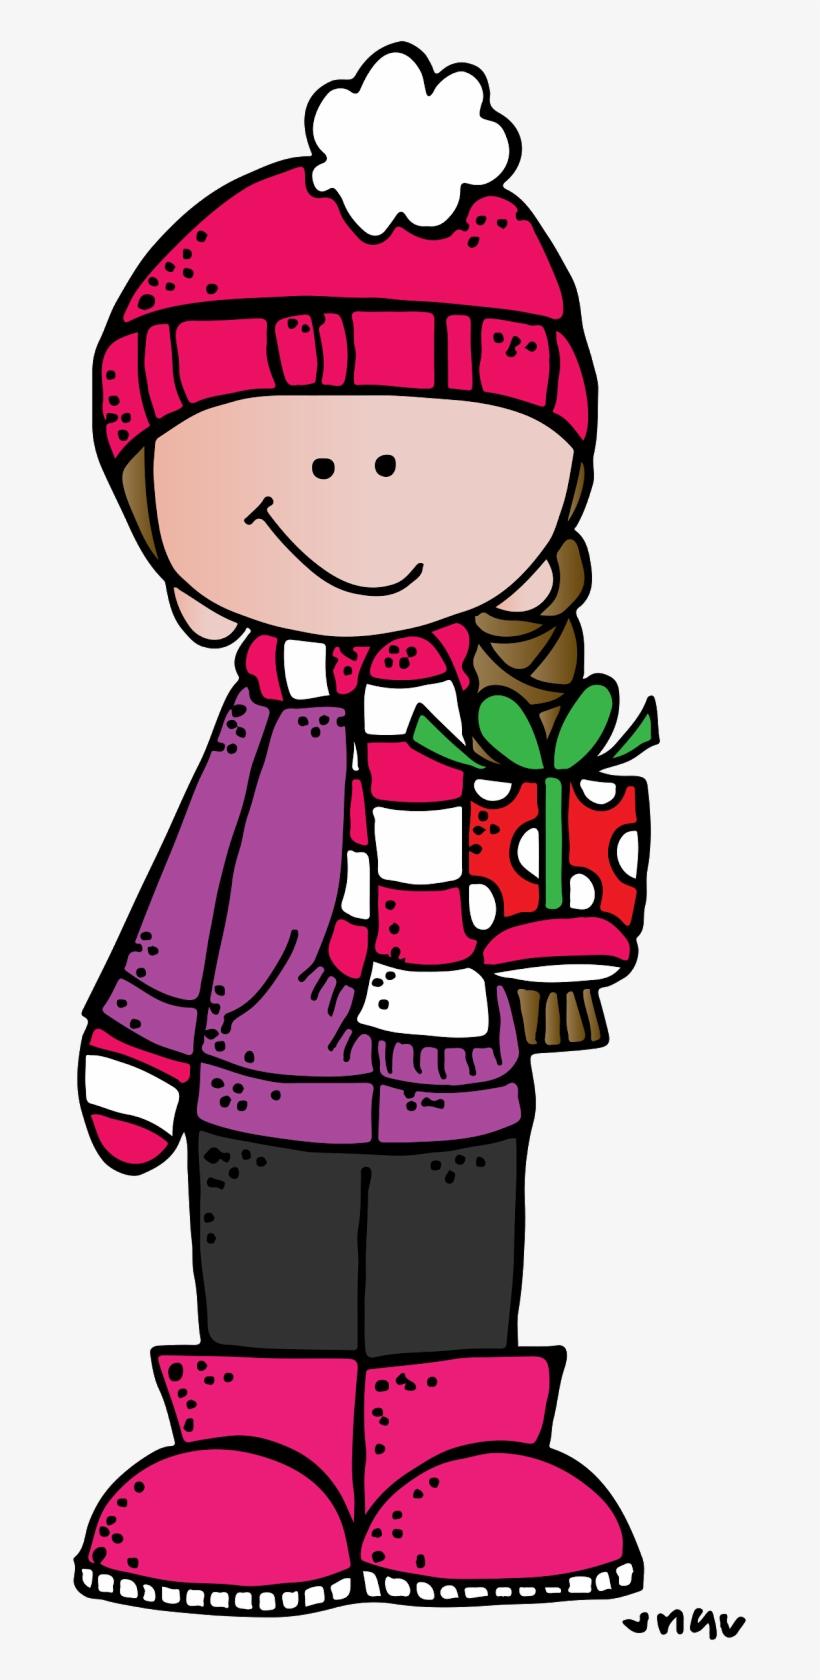 Winter clipart teacher, Winter teacher Transparent FREE for.